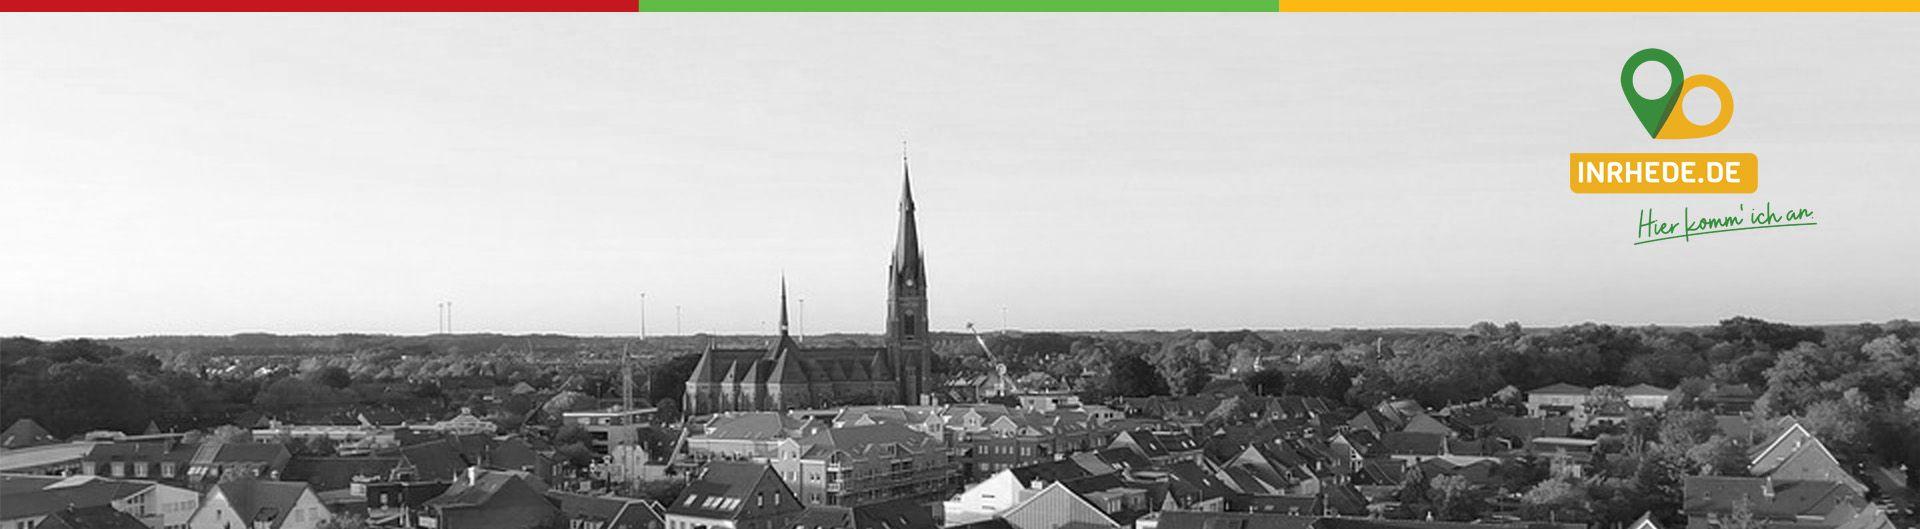 Slider Stadtportal www.in-rhede.de